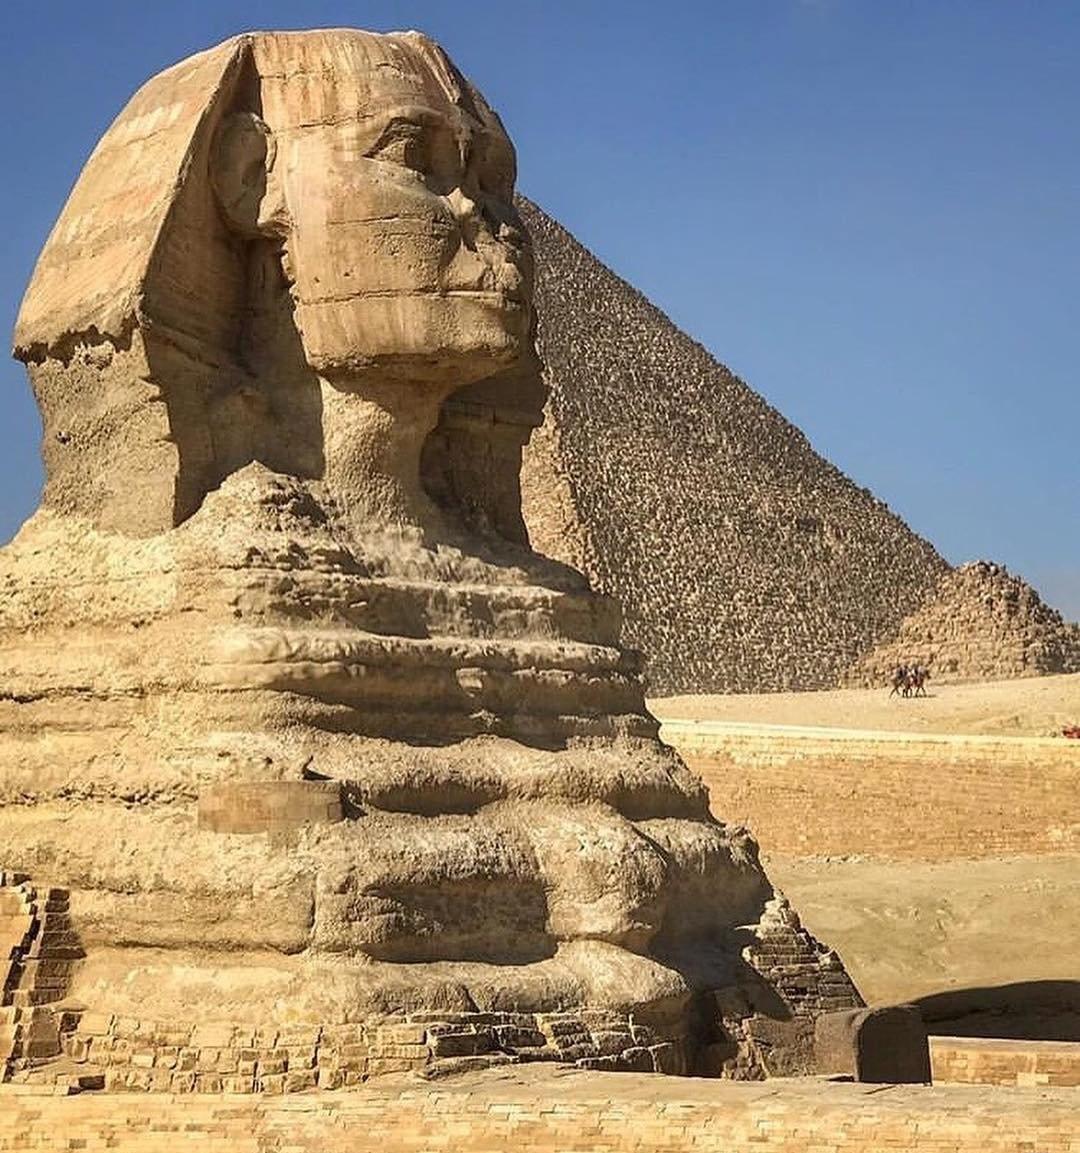 مجسمه ابوالهول در مصر (+عکس)